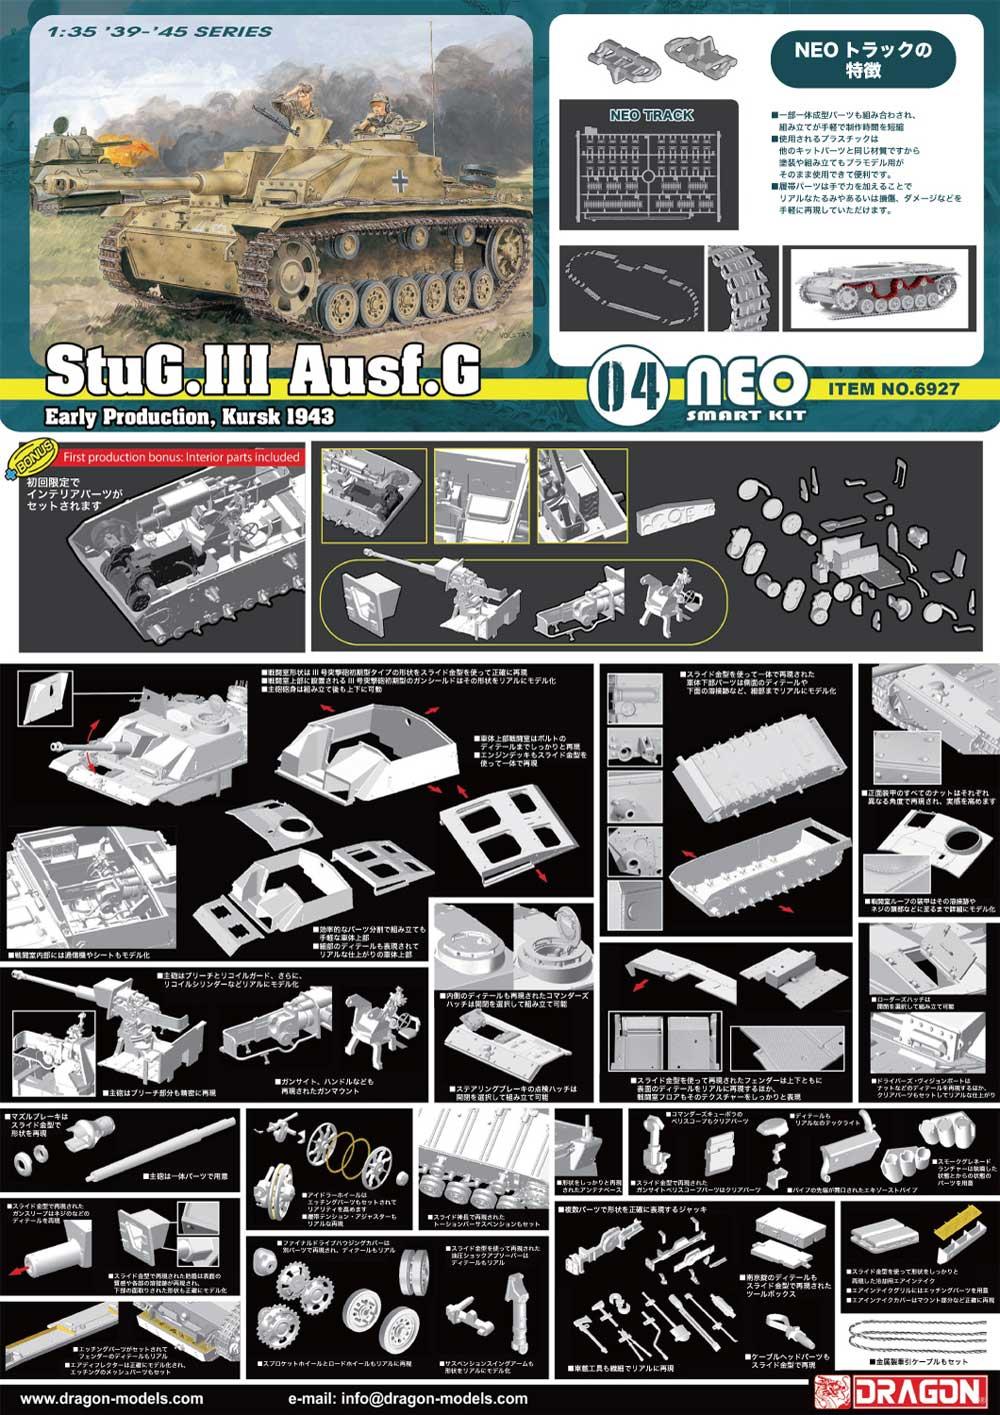 ドイツ 3号突撃砲 G型 初期生産型 クルスク 1943 (NEOスマートキット)プラモデル(ドラゴン1/35 '39-'45 SeriesNo.6927)商品画像_2